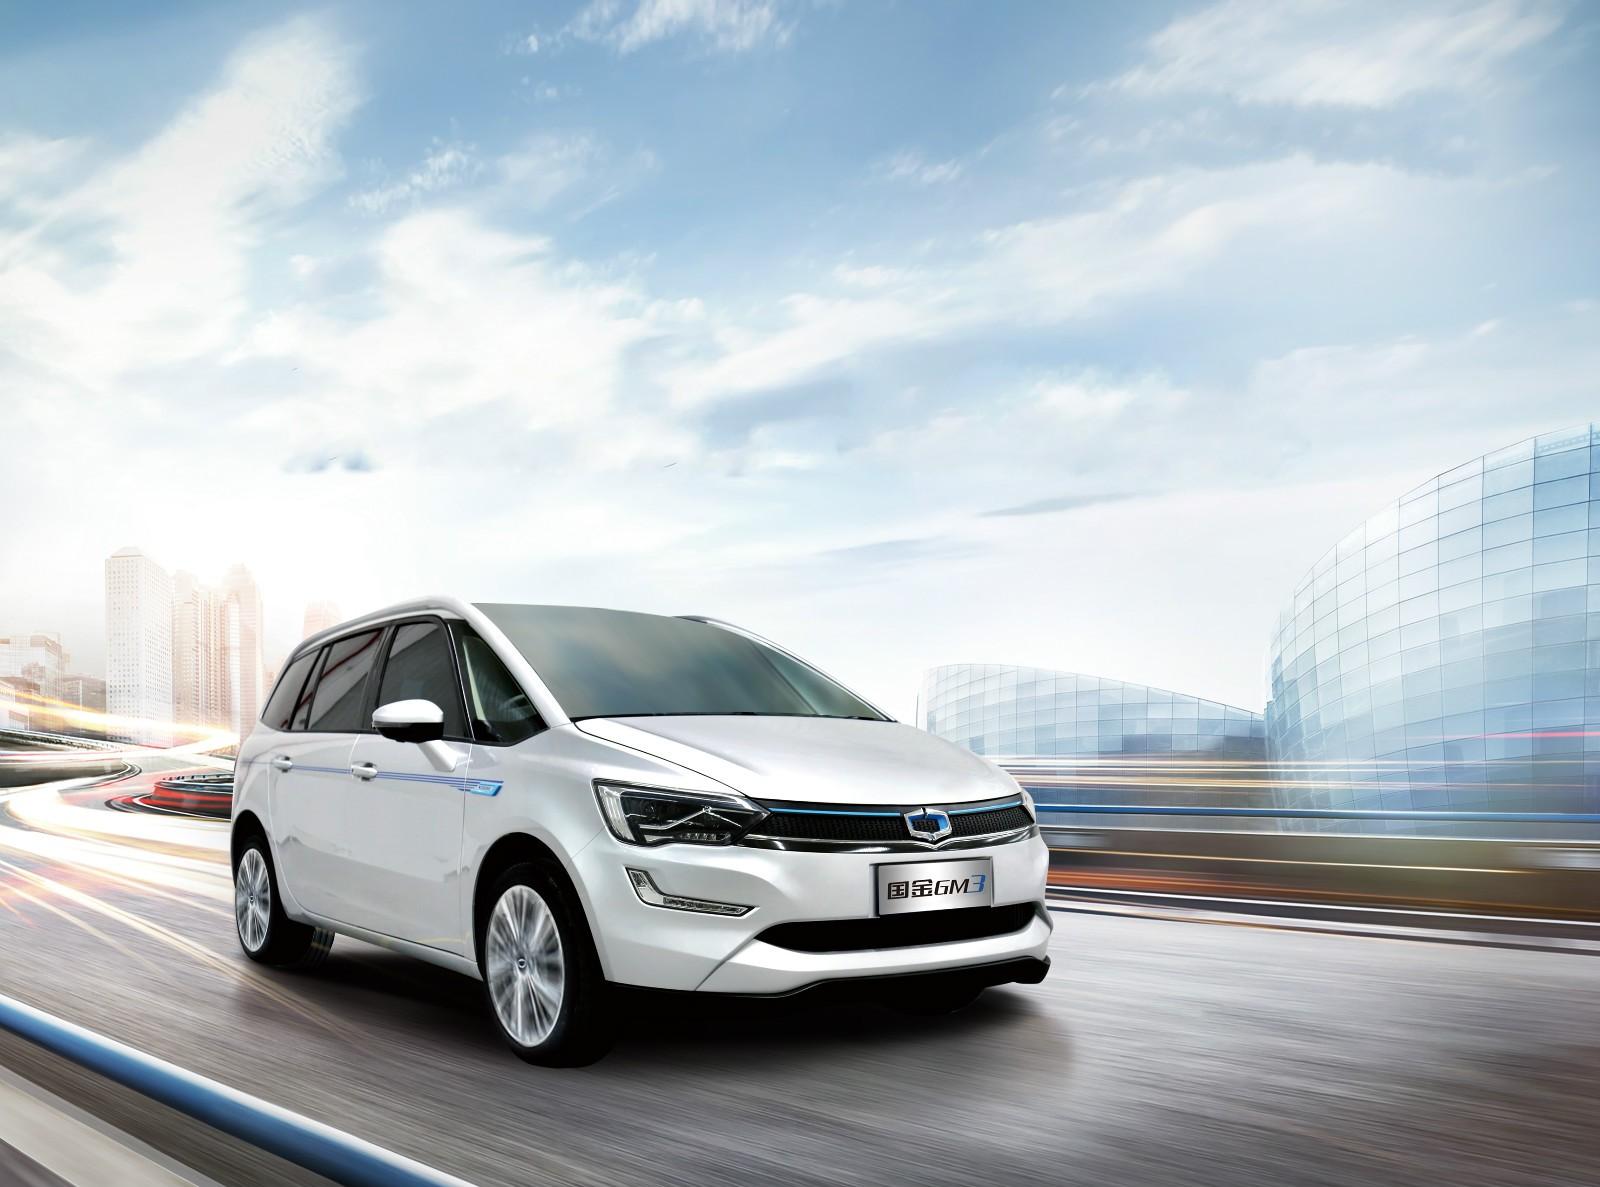 国金汽车发布三年战略  开启车型布阵新纪元